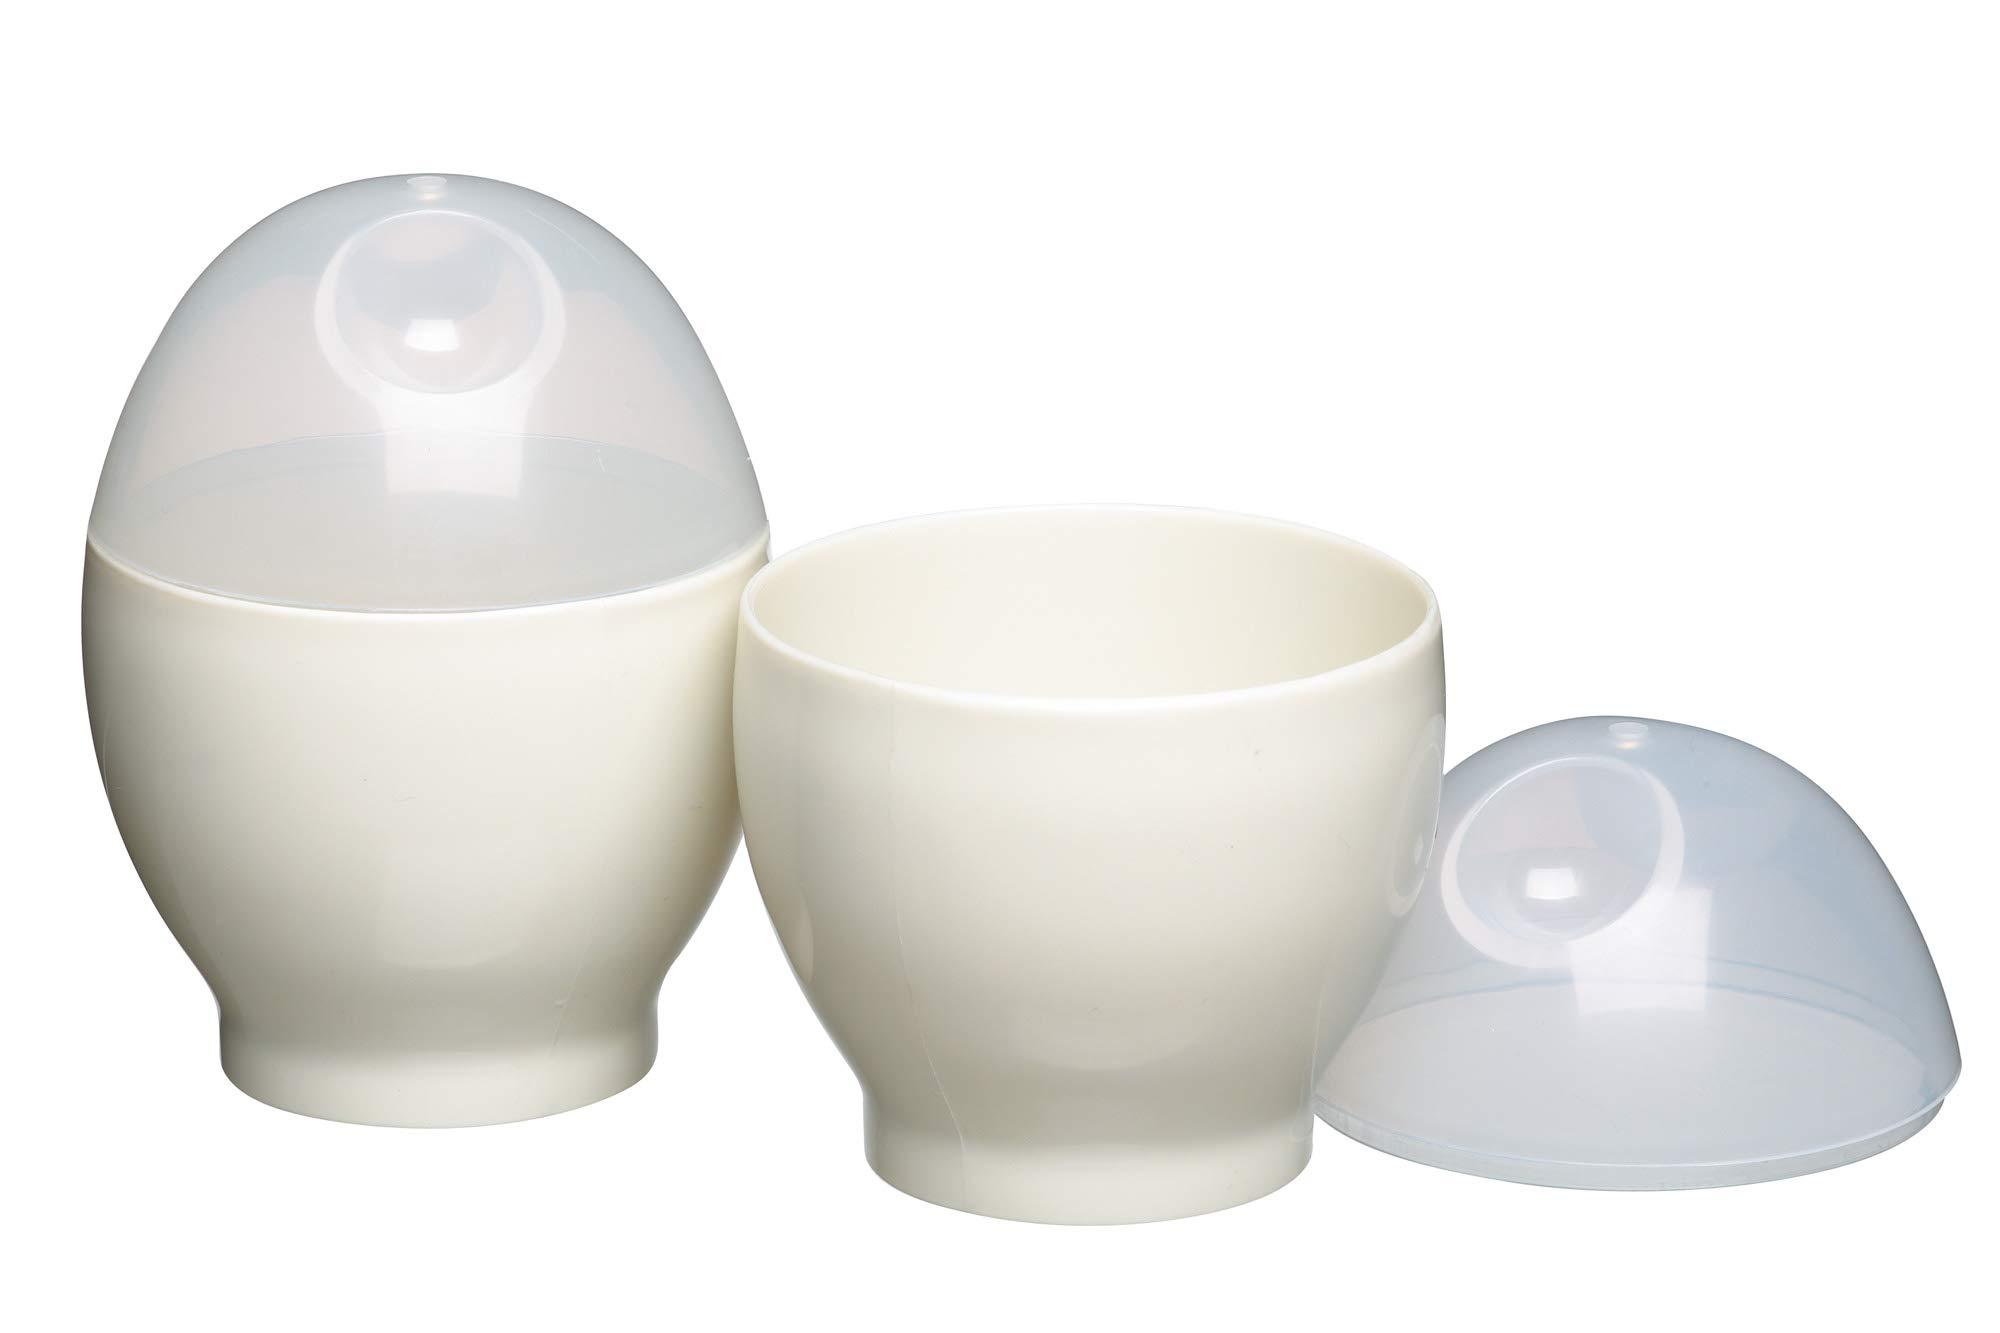 61hf1MklM7L - Kitchen Craft Microwave Egg Boiler Set, 2 Pieces